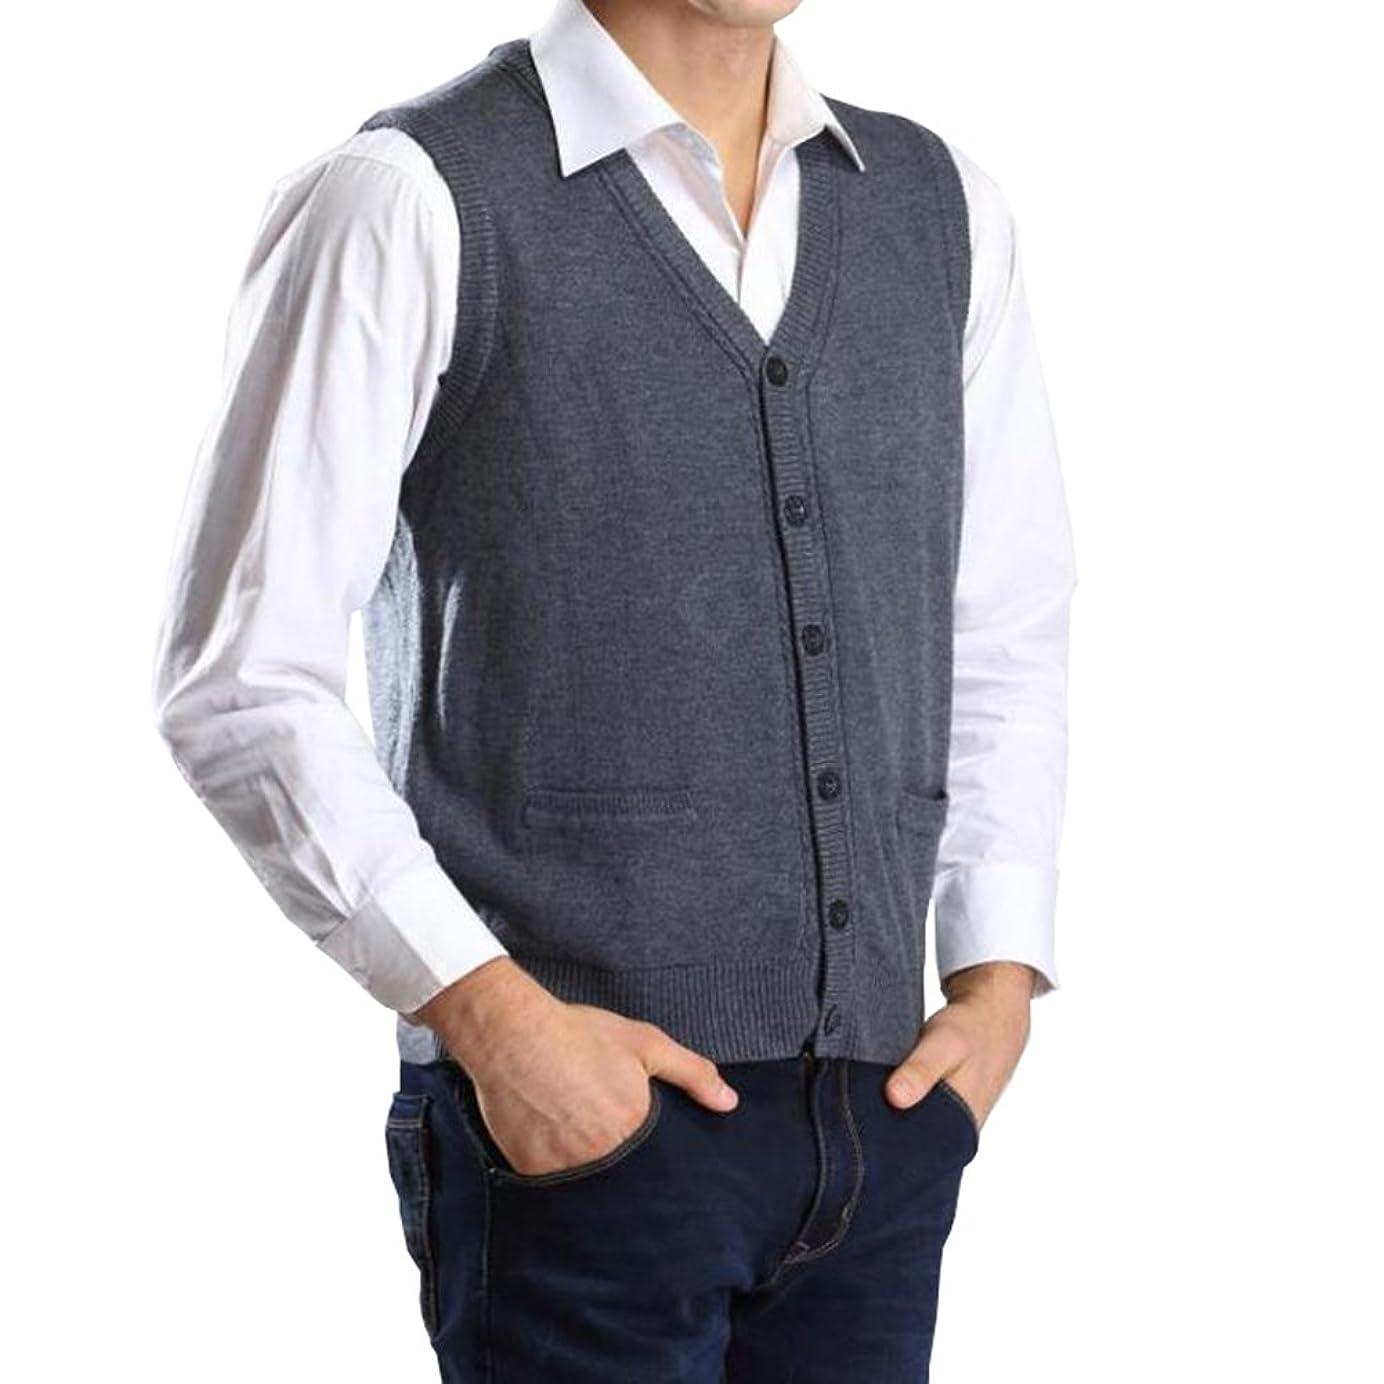 ウール副進化するFEVON ベスト メンズ ニット ウール混 ニットベスト Vネック 前開き 無地 シンプル チョッキ ポケット付き ニットセーター 袖なし おしゃれ トップス 暖かい 保温 ビジネス カジュアル